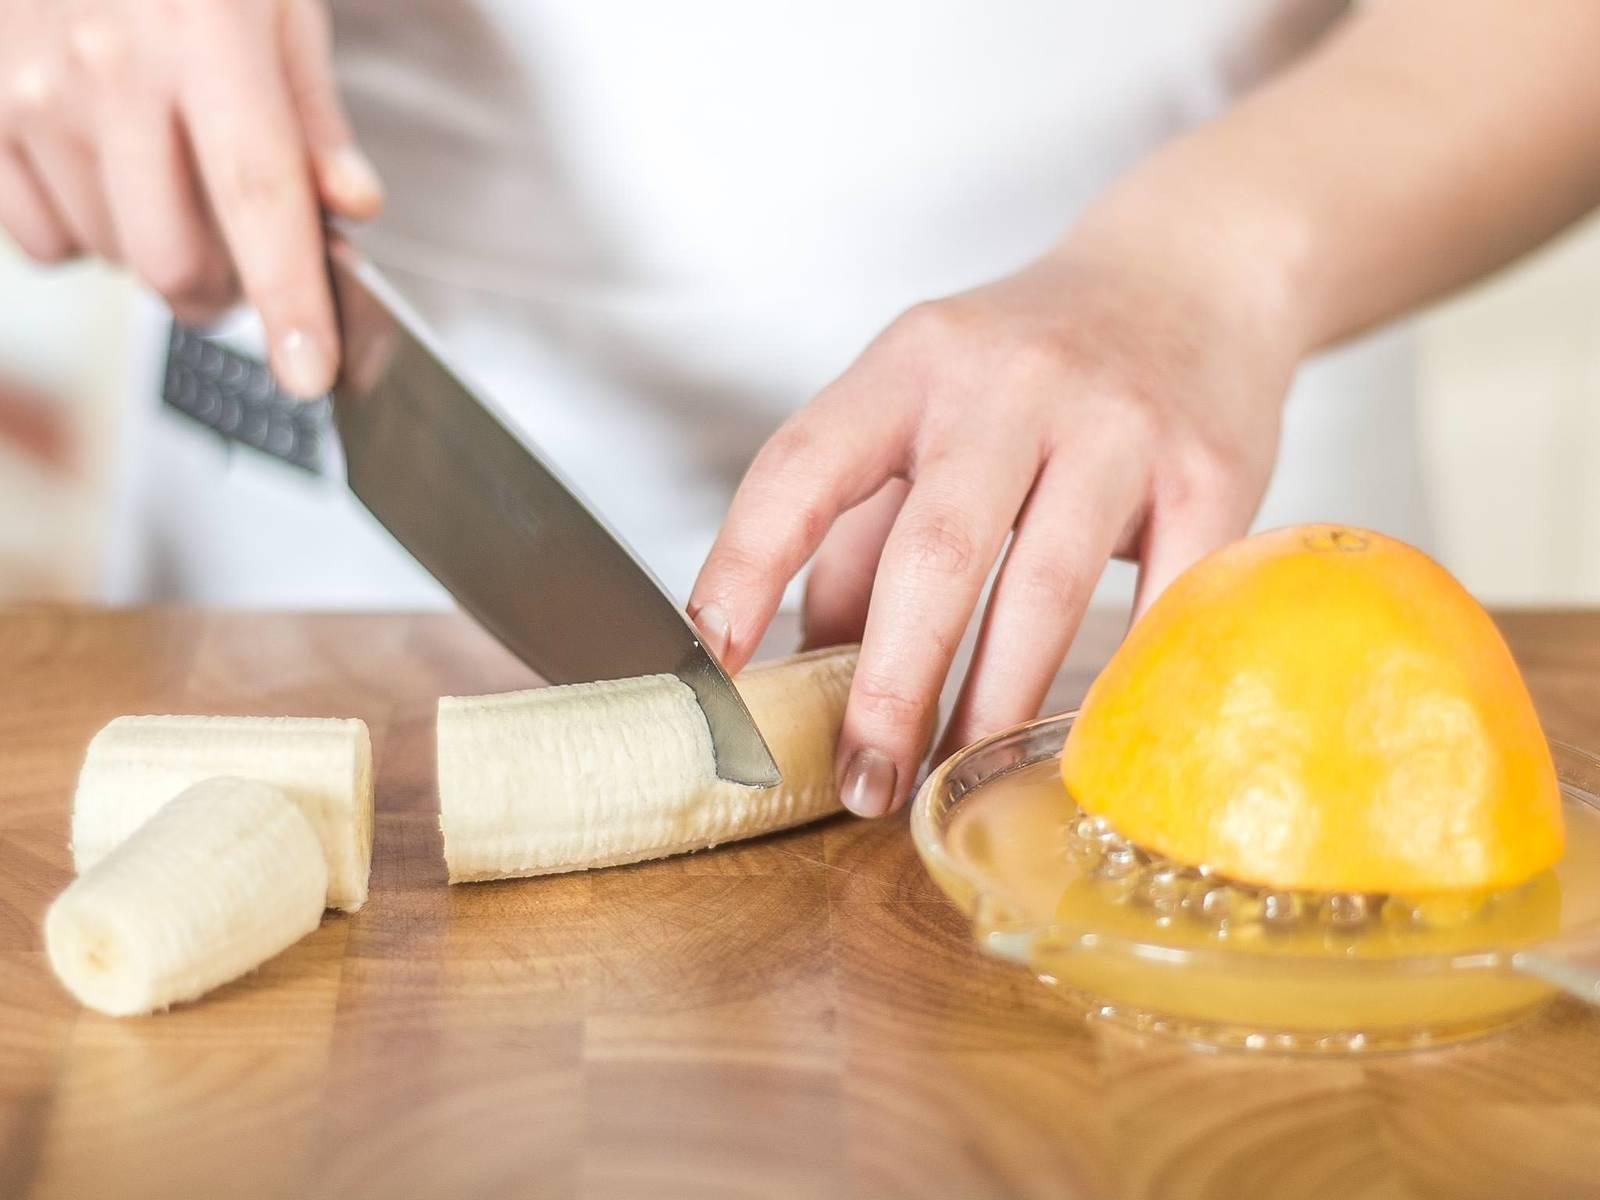 将橙子榨汁,香蕉去皮后切成四段。